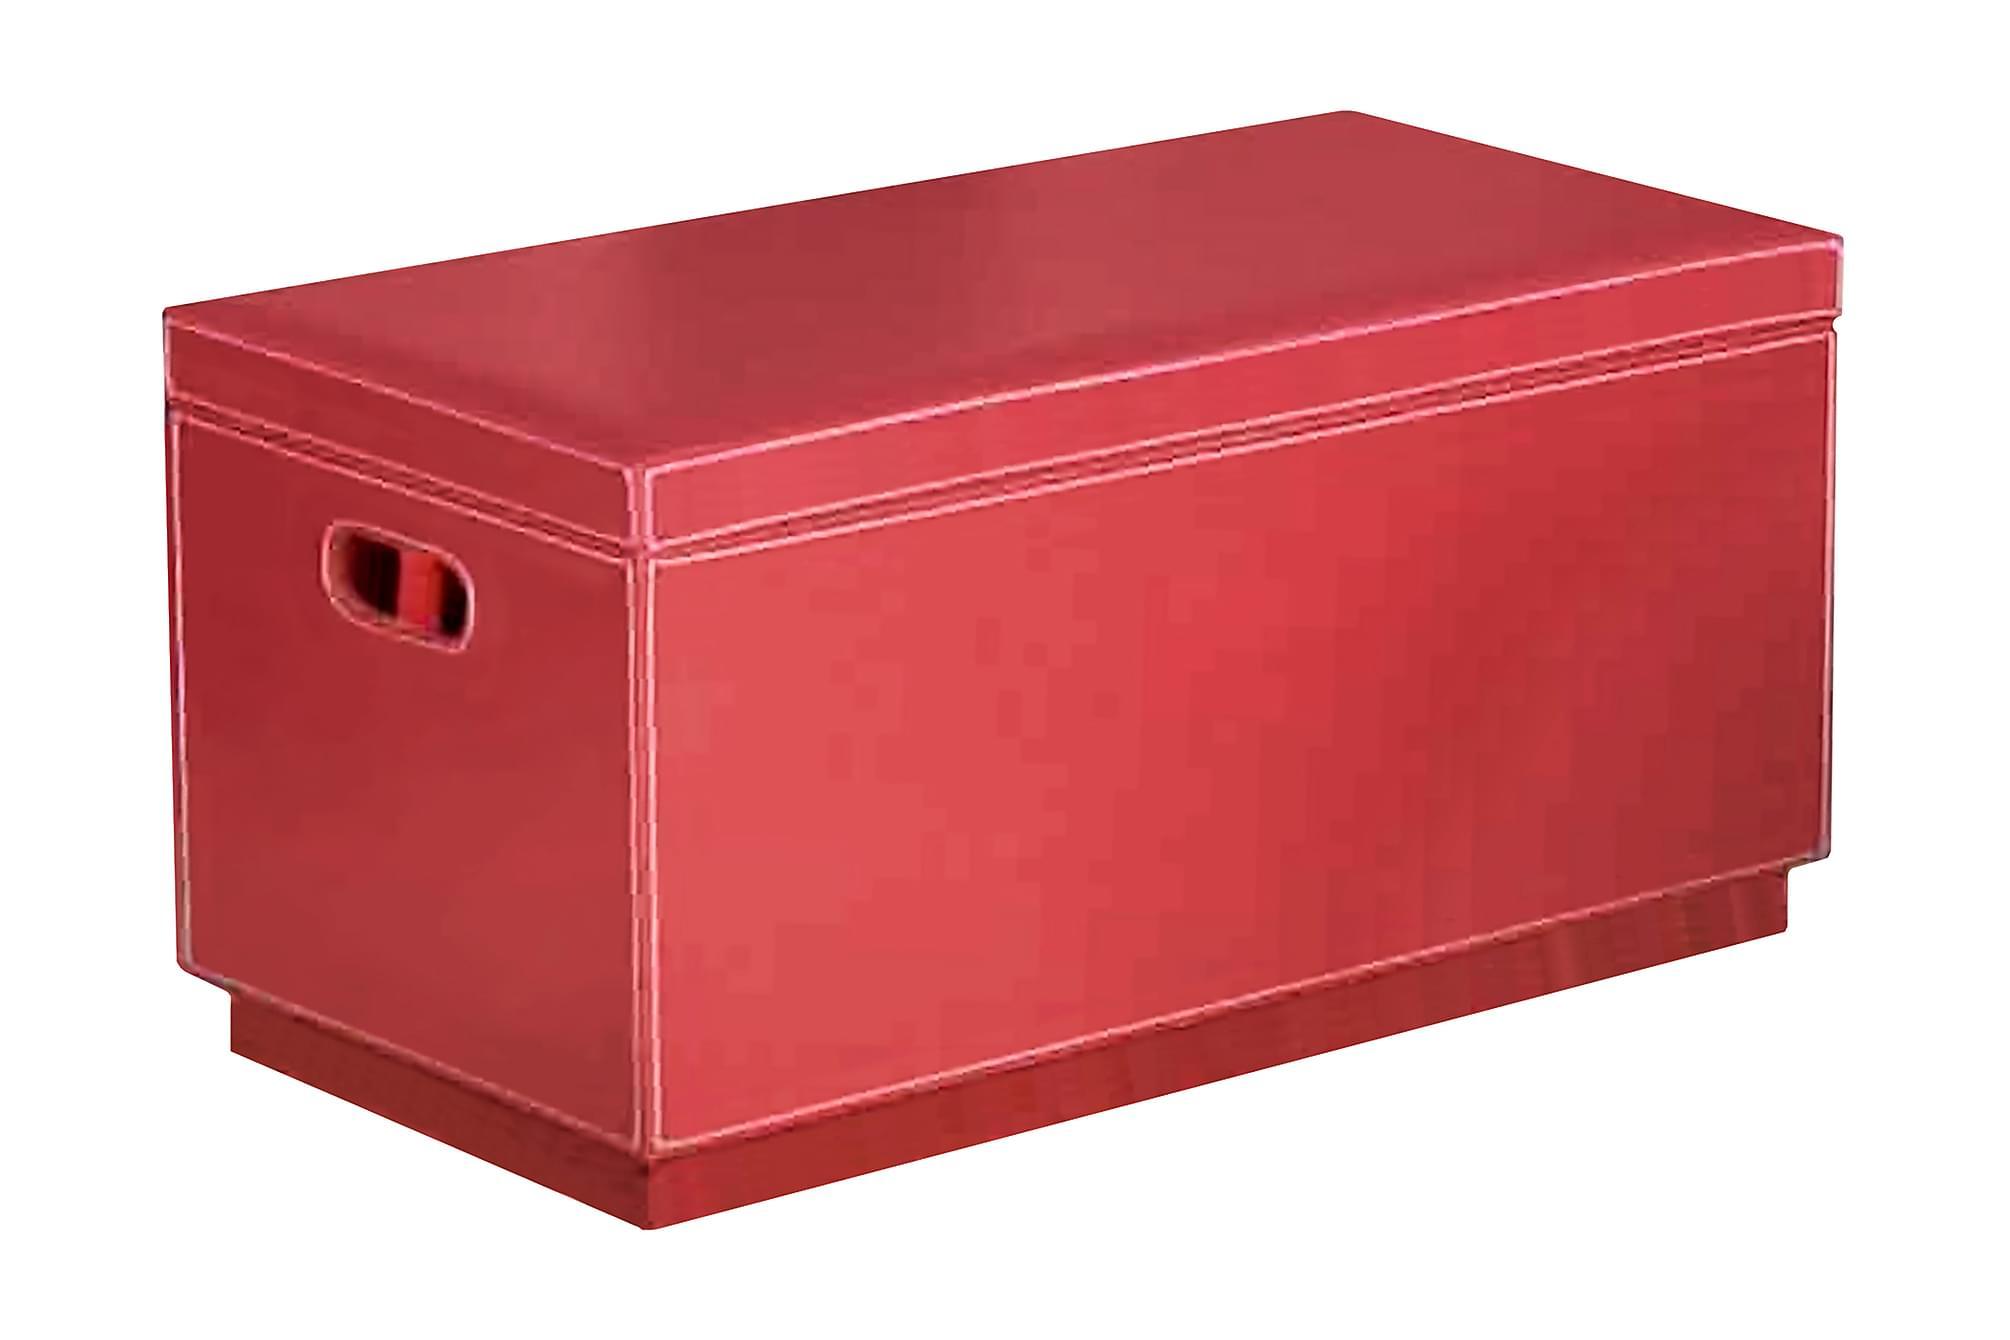 CAPAC Kista röd Kista, Förvaringskistor & sängkistor